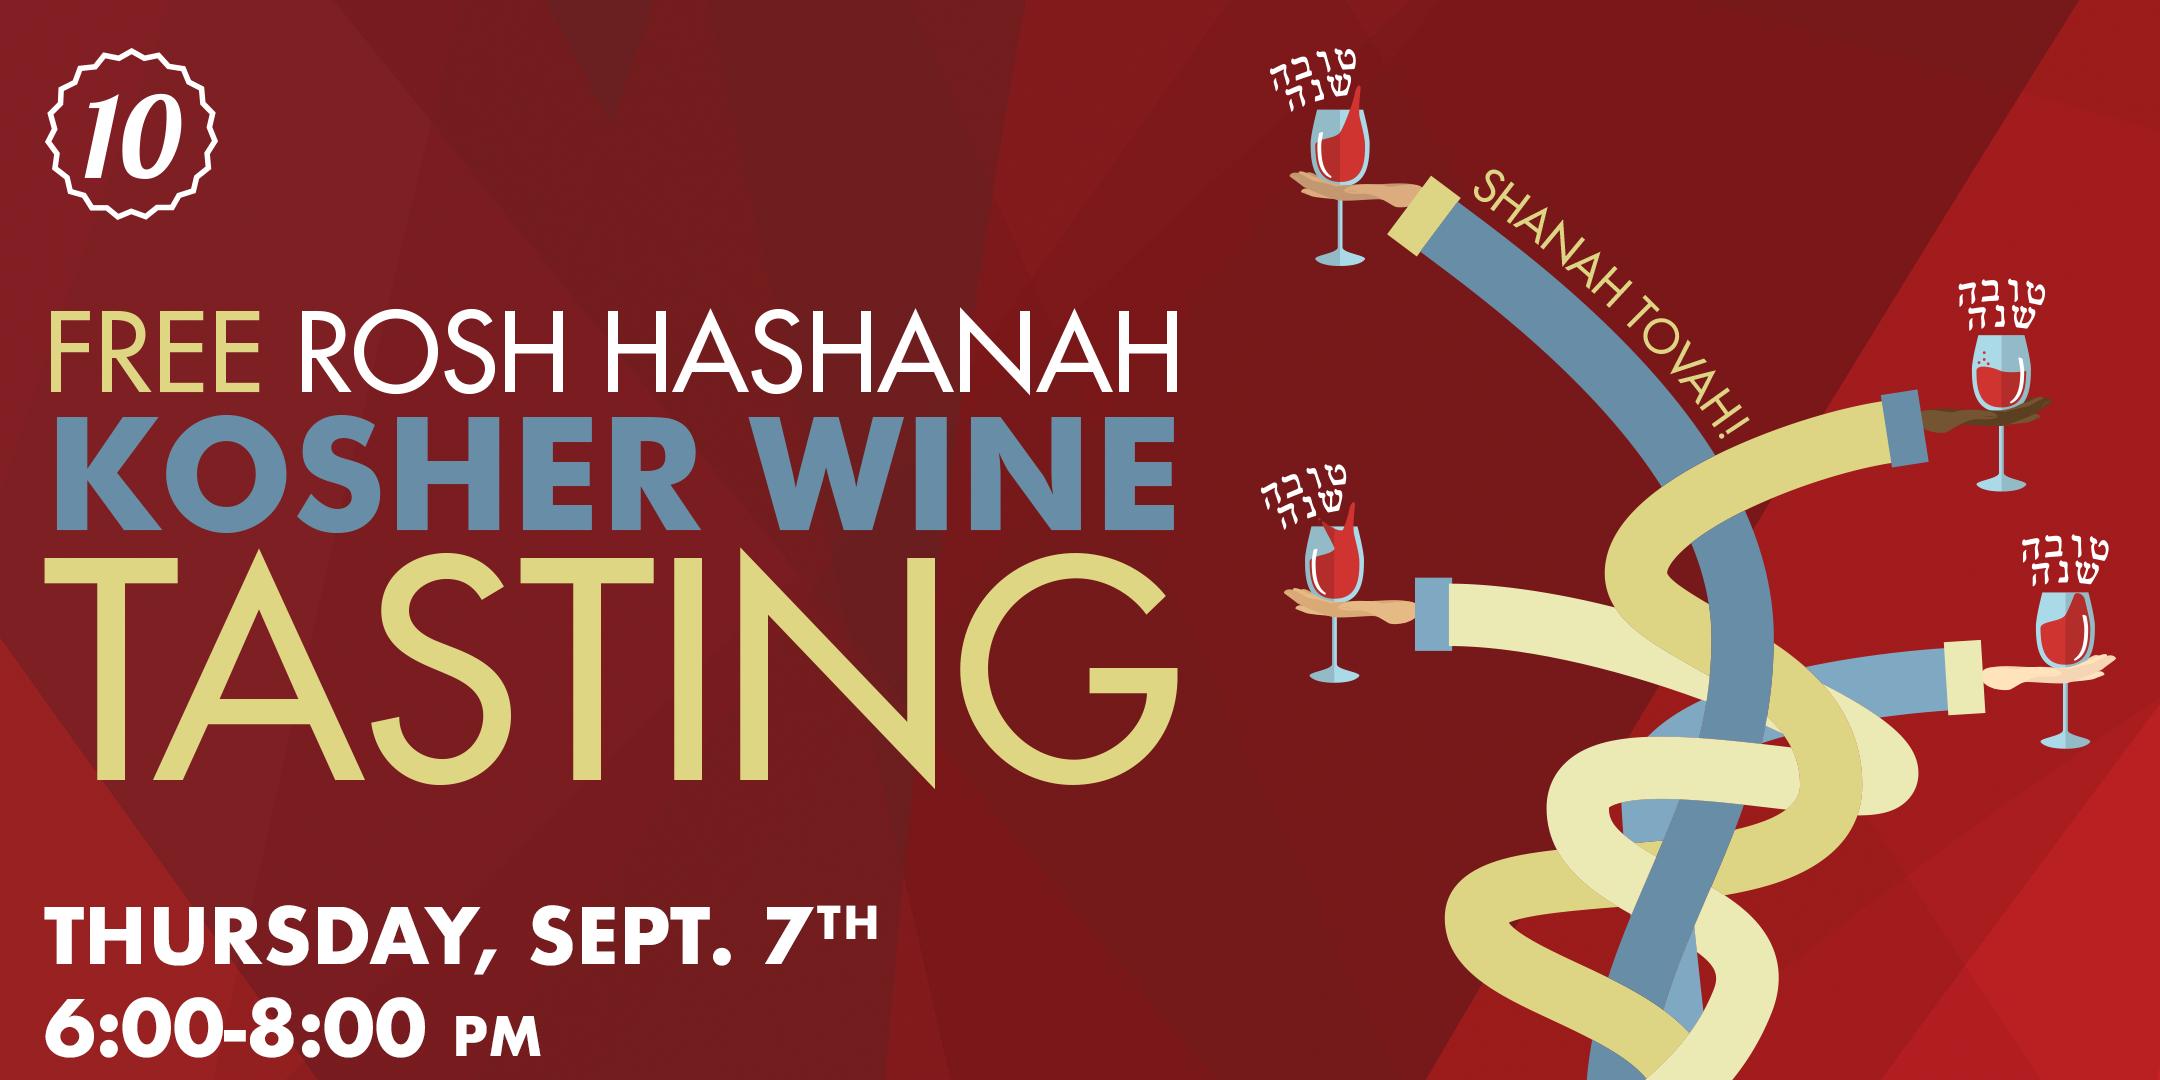 Free Rosh Hashanah Kosher Wine Tasting | St.